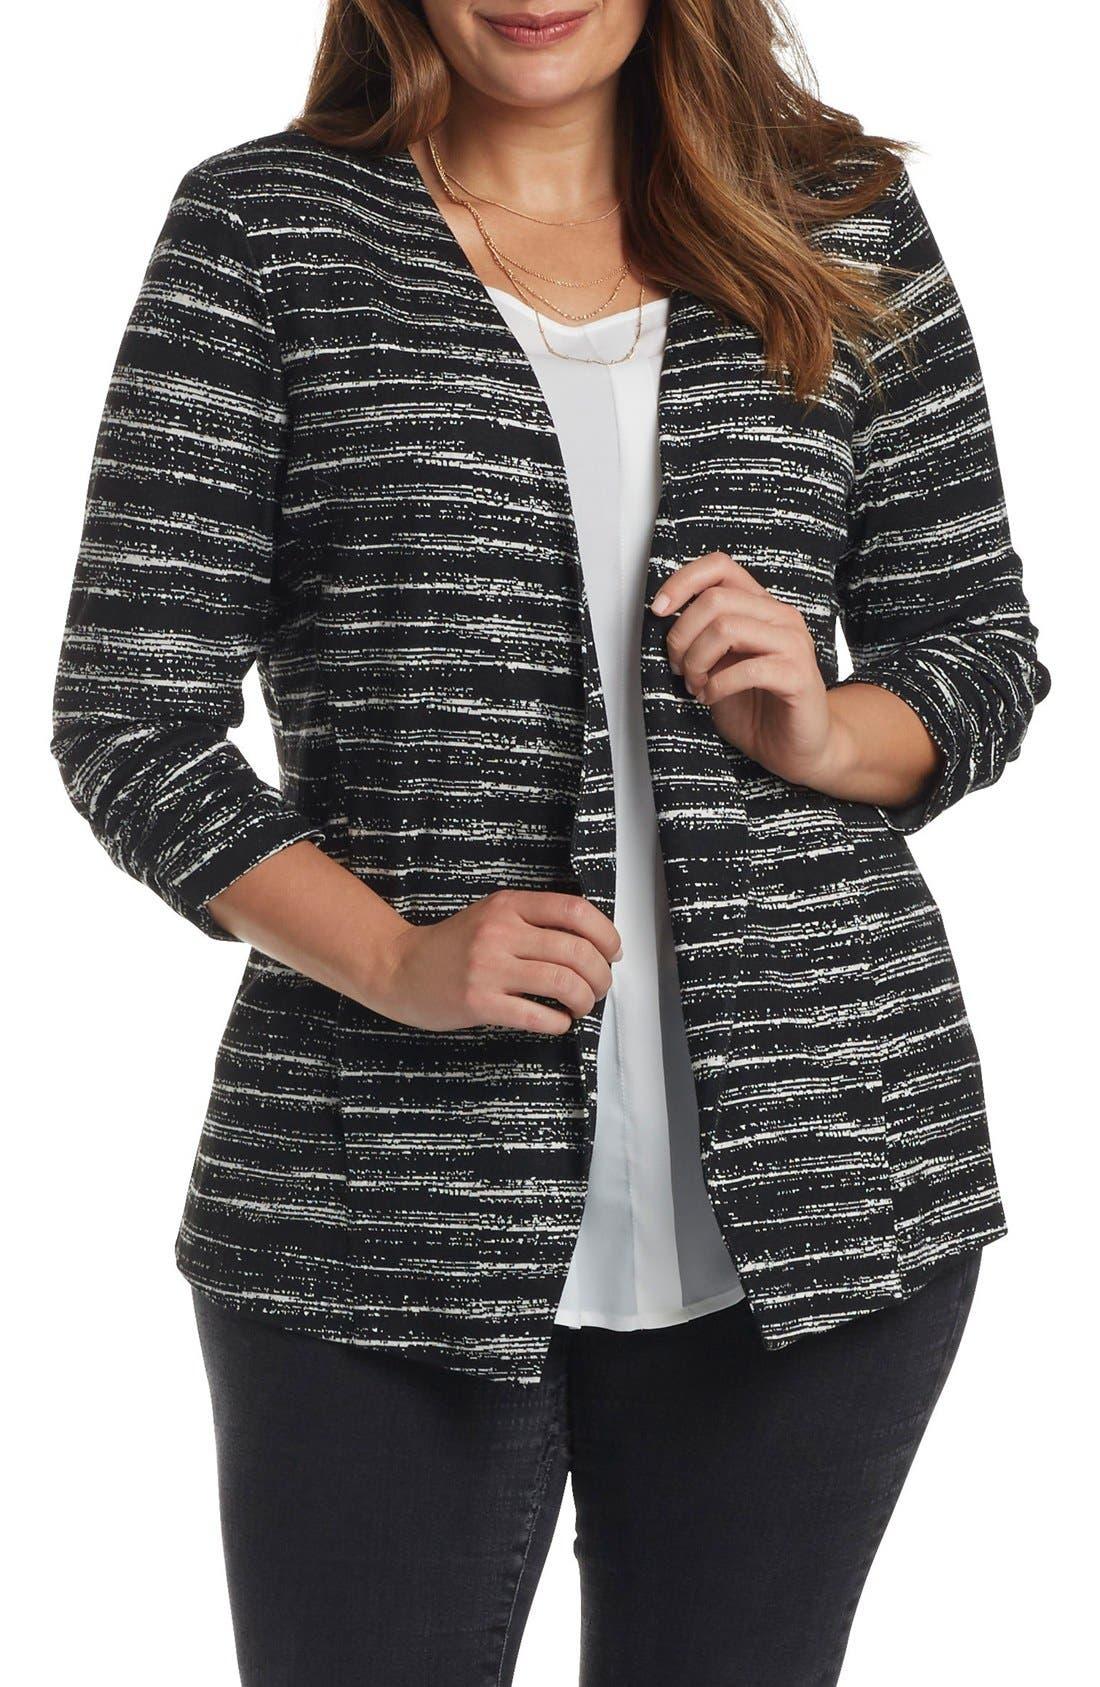 Main Image - Tart 'Olga' Knit Jacket (Plus Size)